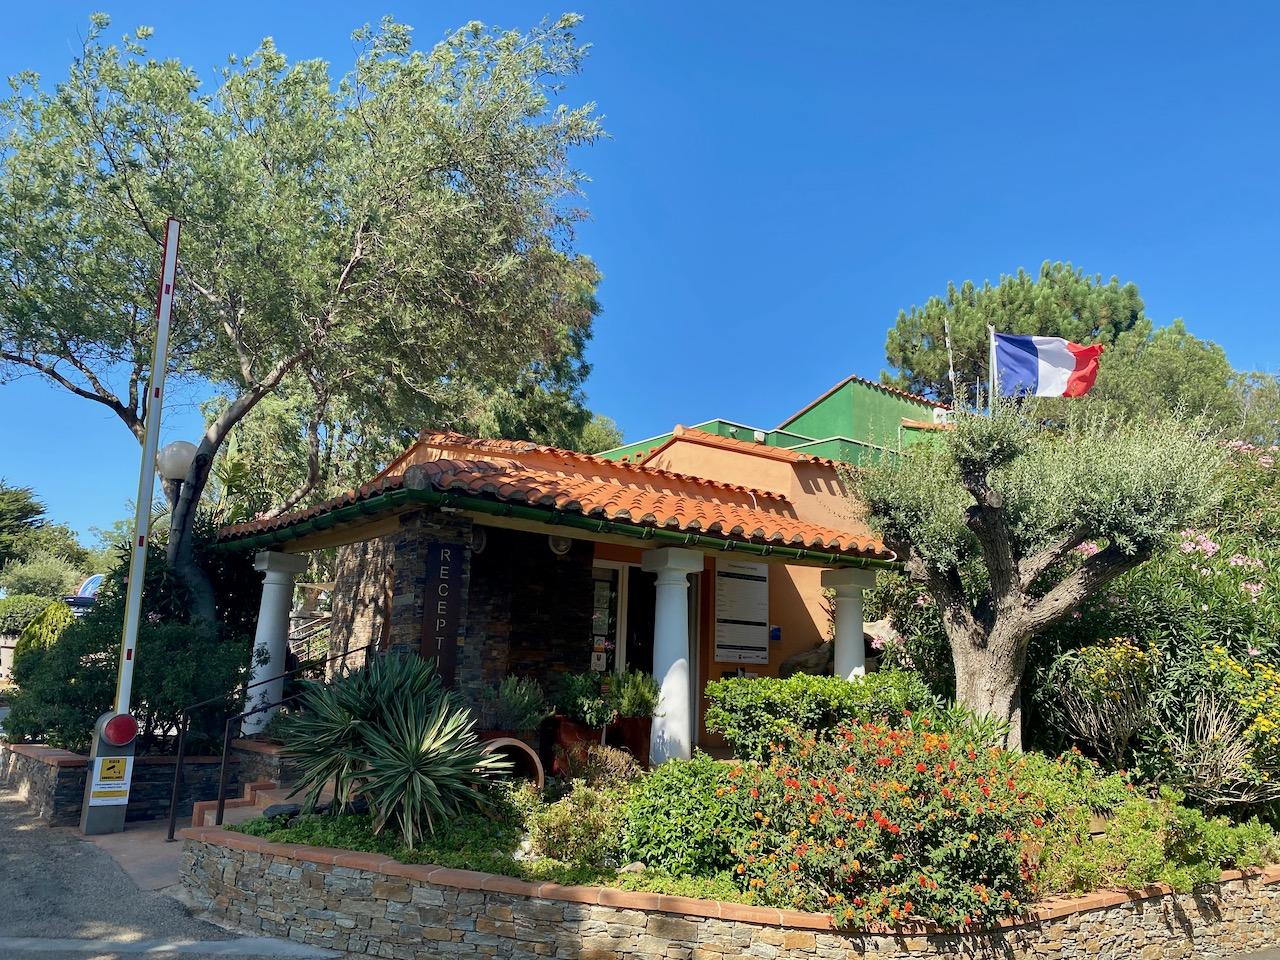 Campingplatz Les Criques de Porteils, Argelès sur Mer,  Languedoc-Roussillon